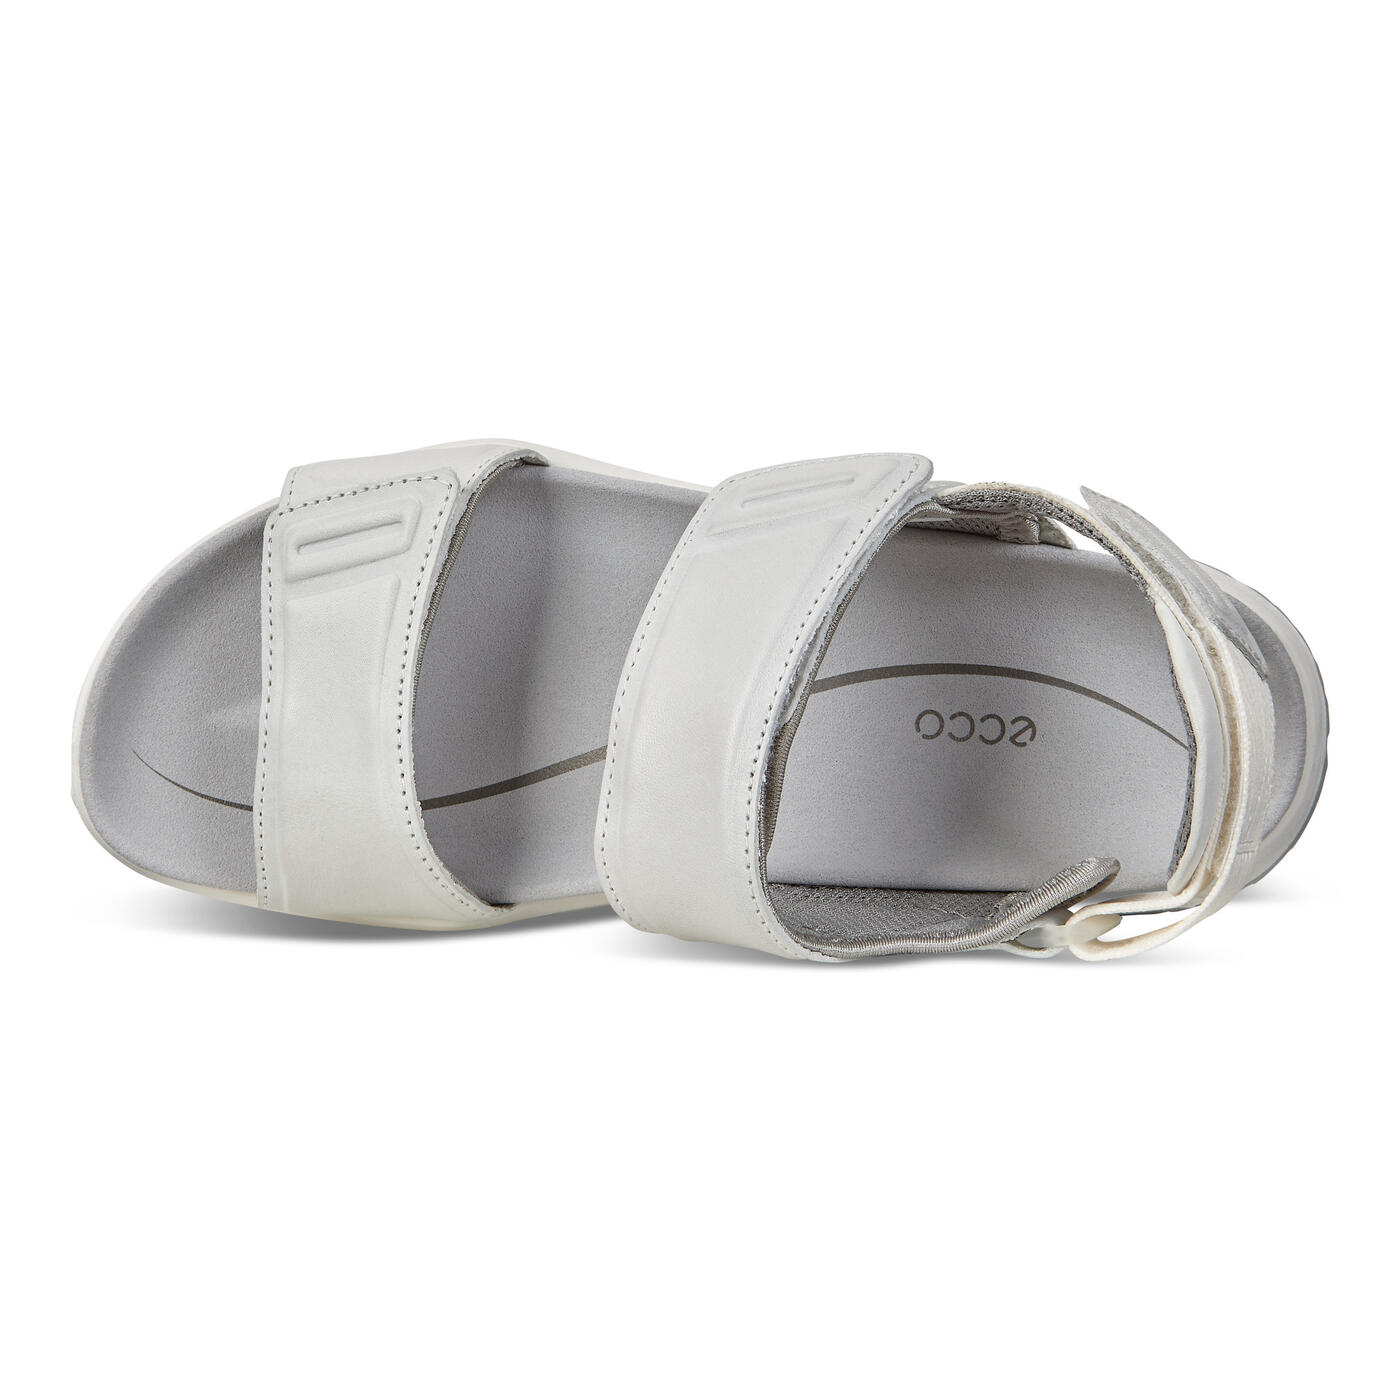 Sandale ECCO X-Trinsic 35 pour femmes